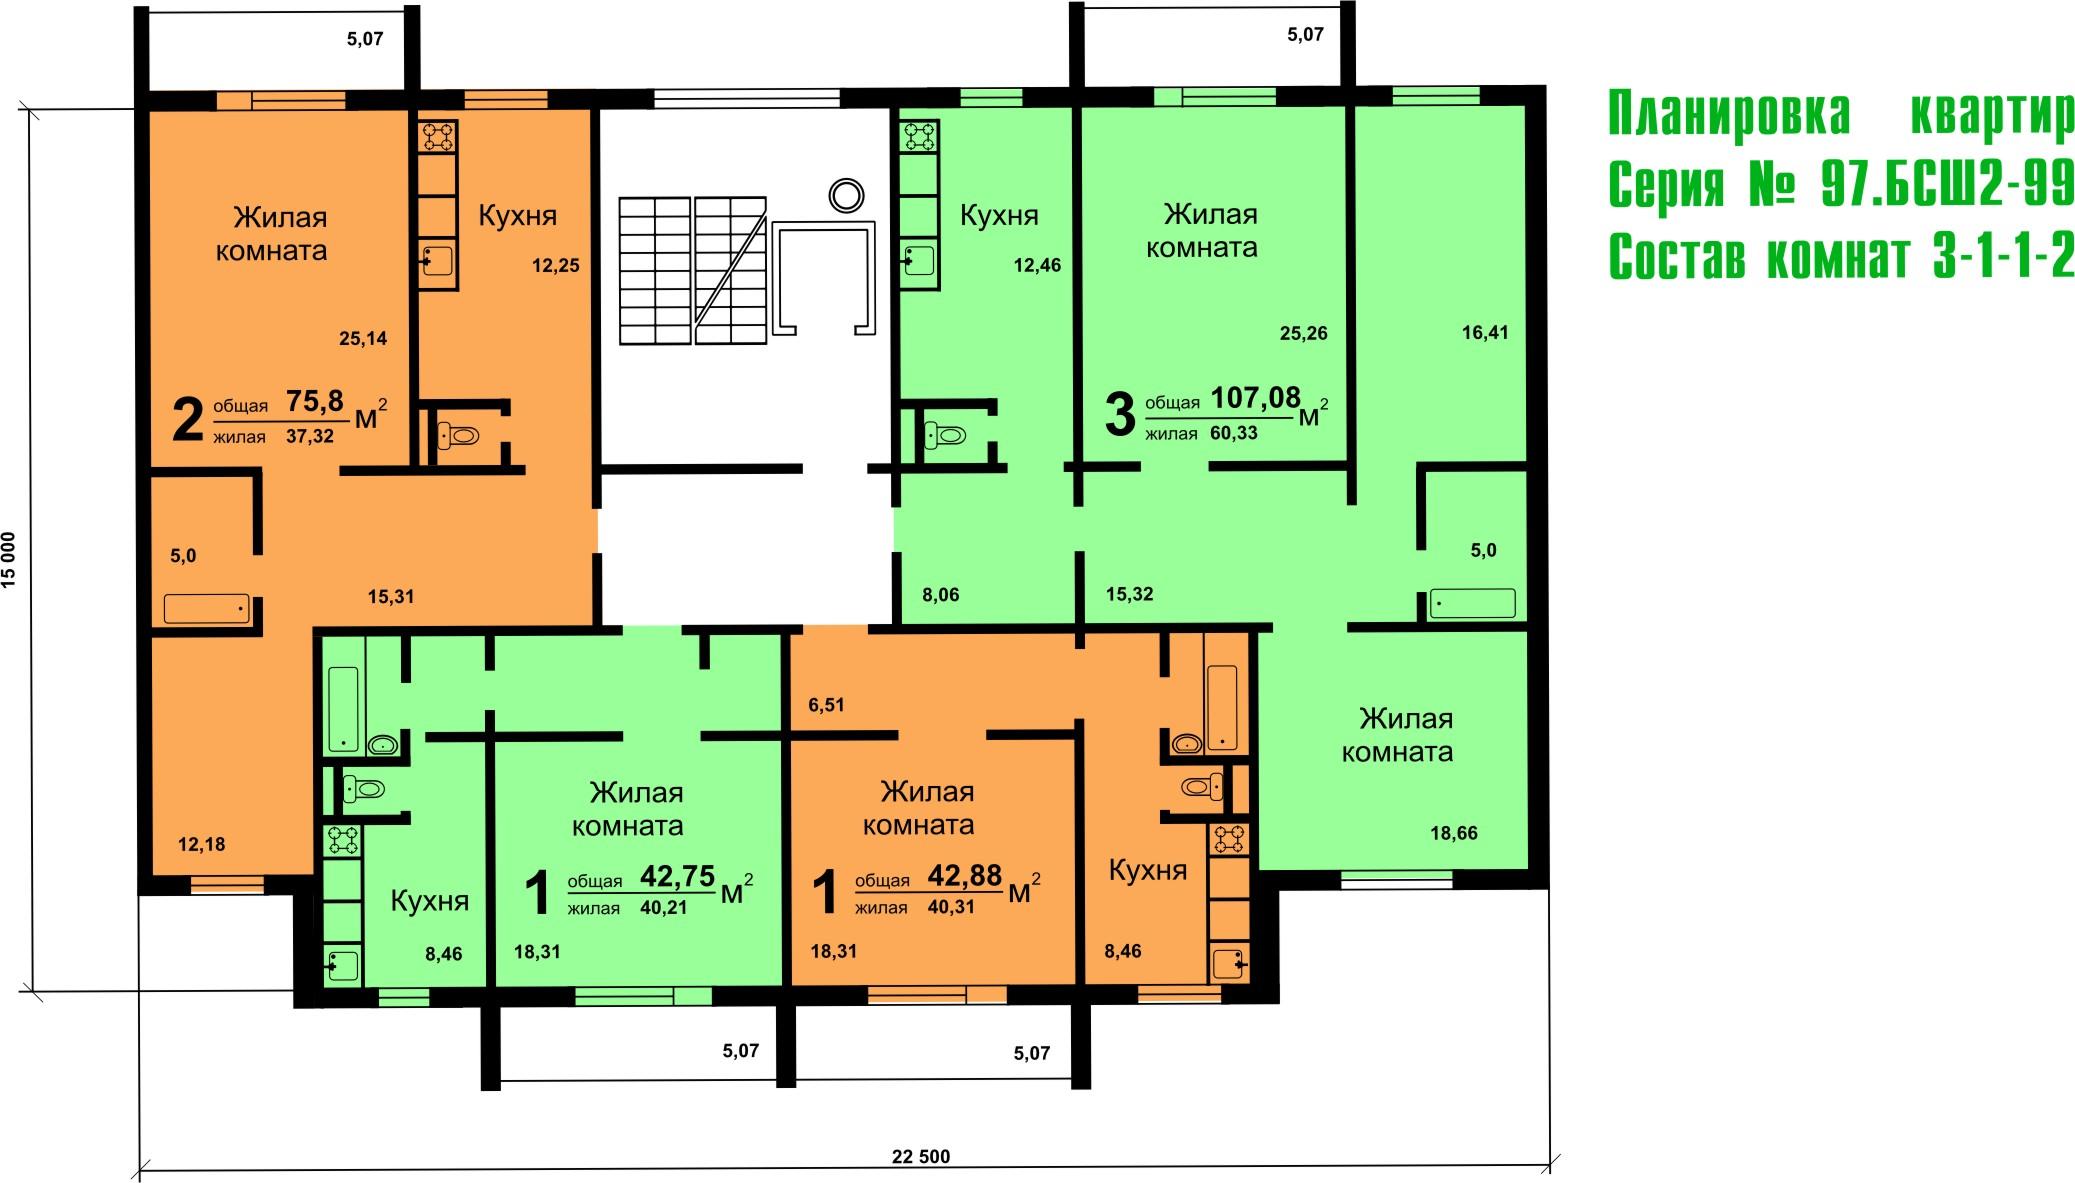 Дома 97 серии (отр.адм.) - форум здания.ру - планировки квар.